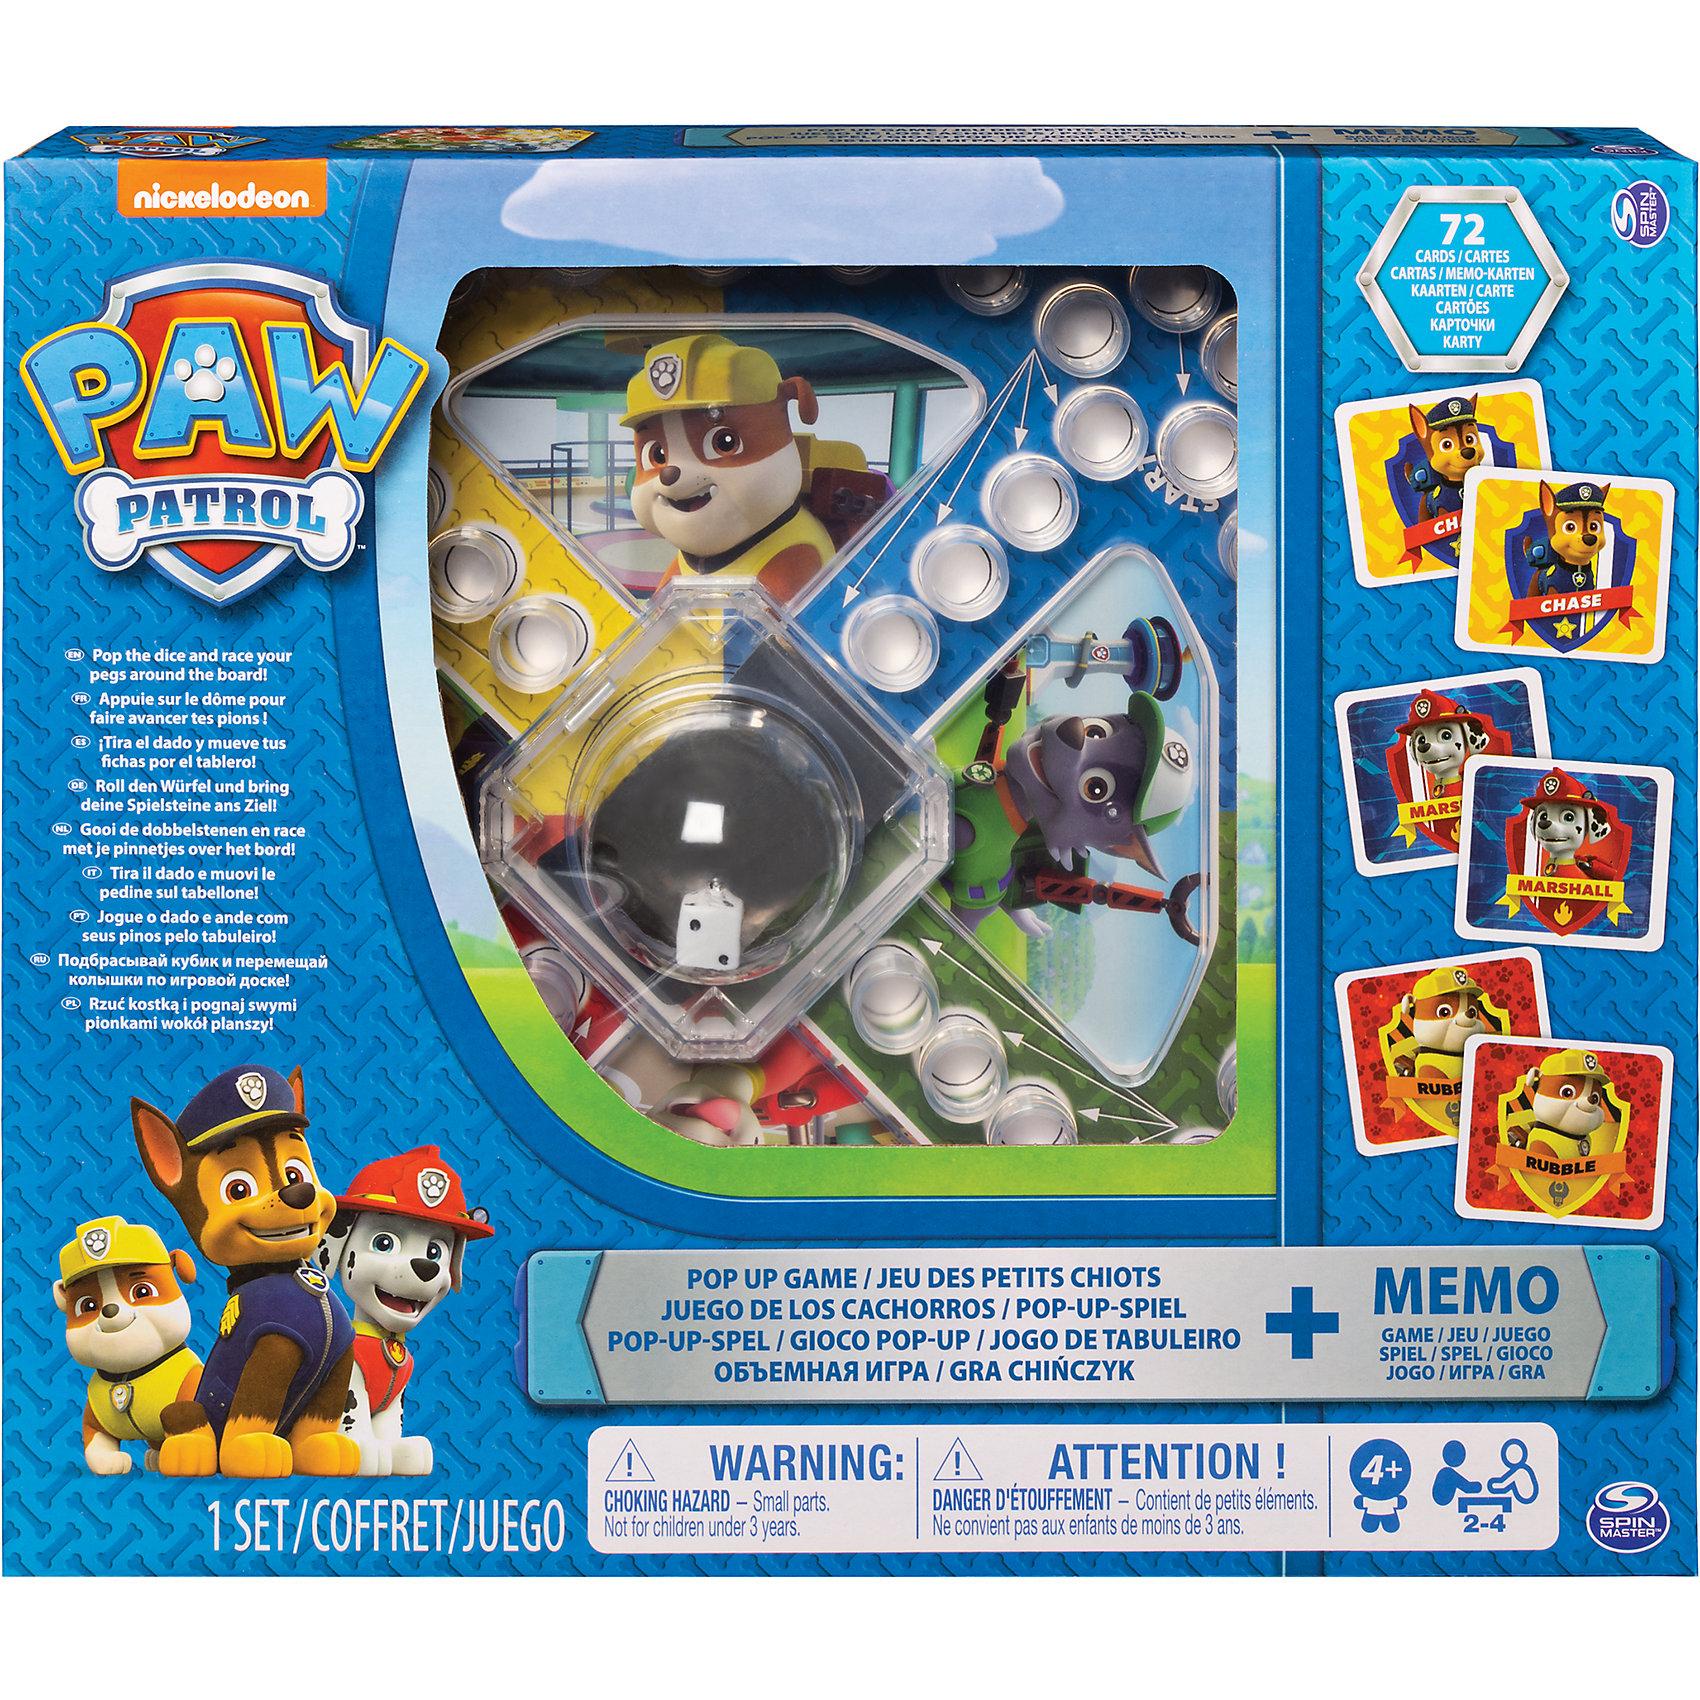 Игра с кубиком, фишками и карточки Memory, Щенячий Патруль, Spin MasterРазвивающие игры<br>Характеристики:<br><br>• Количество игроков: от 2-х человек<br>• Материал: картон, бумага, пластик<br>• Комплектация: игровое поле, фишки, игральный кубик, 72 карточки, инструкция, коробка<br>• Количество вариантов игр: от 2-х<br>• Вес в упаковке: 655 г<br>• Размеры упаковки (Г*Ш*В): 32*27*5 см<br>• Упаковка: картонная коробка <br><br>Игра с кубиком, фишками и карточки Memory, Щенячий Патруль, Spin Master – это комплект настольных игр, выполненных по мотивам одноименного мультсериала для детей. Набор включает в себя игровое поле, фишки, кубик и 72 карточки. Игровое поле состоит из пяти разноцветных секторов: четыре для игроков, одно – общее, представляющее собой финиш. Задача игроков заключается в том, чтобы как можно быстрее переместить фишки своего цвета в центральное поле.<br> <br>Игру с кубиком, фишками и карточками Memory, Щенячий Патруль, Spin Masterможно купить в нашем интернет-магазине.<br><br>Ширина мм: 320<br>Глубина мм: 270<br>Высота мм: 50<br>Вес г: 655<br>Возраст от месяцев: 48<br>Возраст до месяцев: 2147483647<br>Пол: Унисекс<br>Возраст: Детский<br>SKU: 5493556